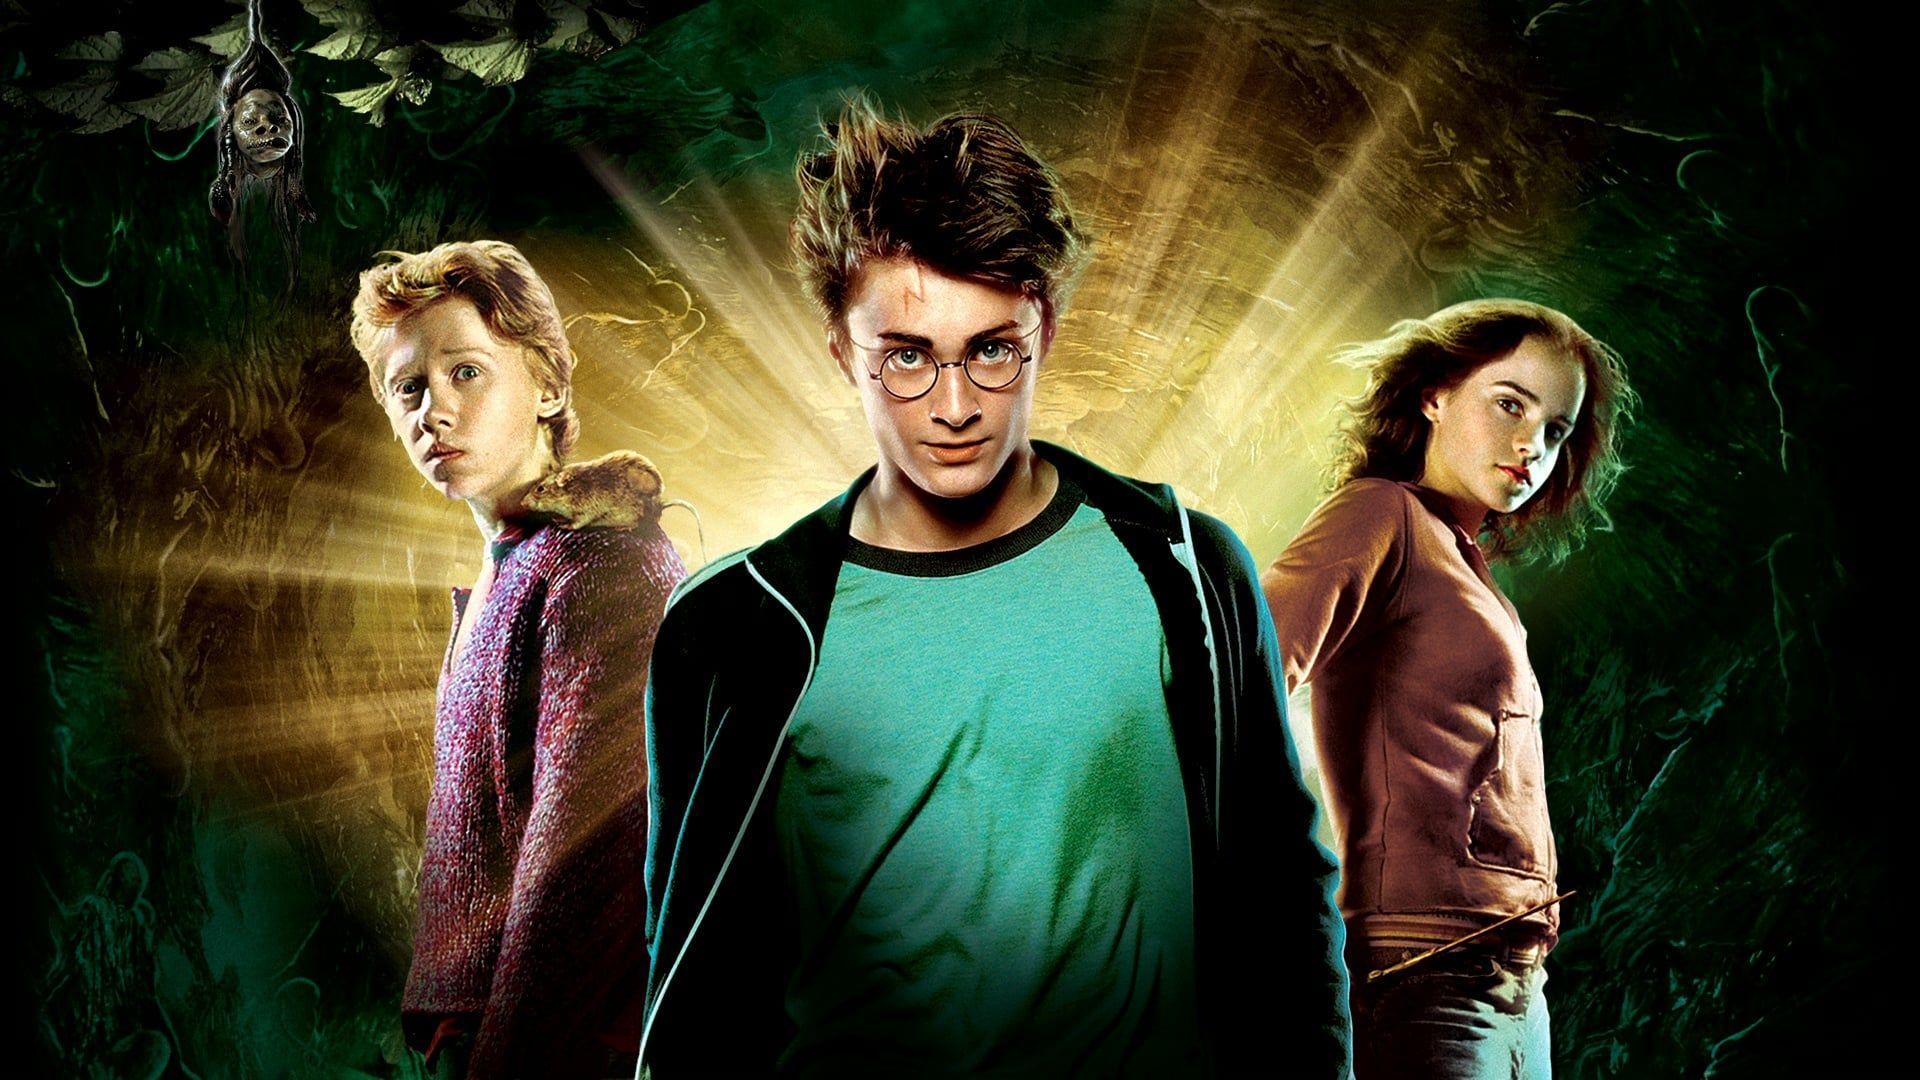 Harry Potter Und Der Gefangene Von Askaban 2004 Ganzer Film Deutsch Komplett Kino Wahrend Die Abscheuliche Tante Magda Uber Den Nachthimmel Schwebt Kehrt Harry